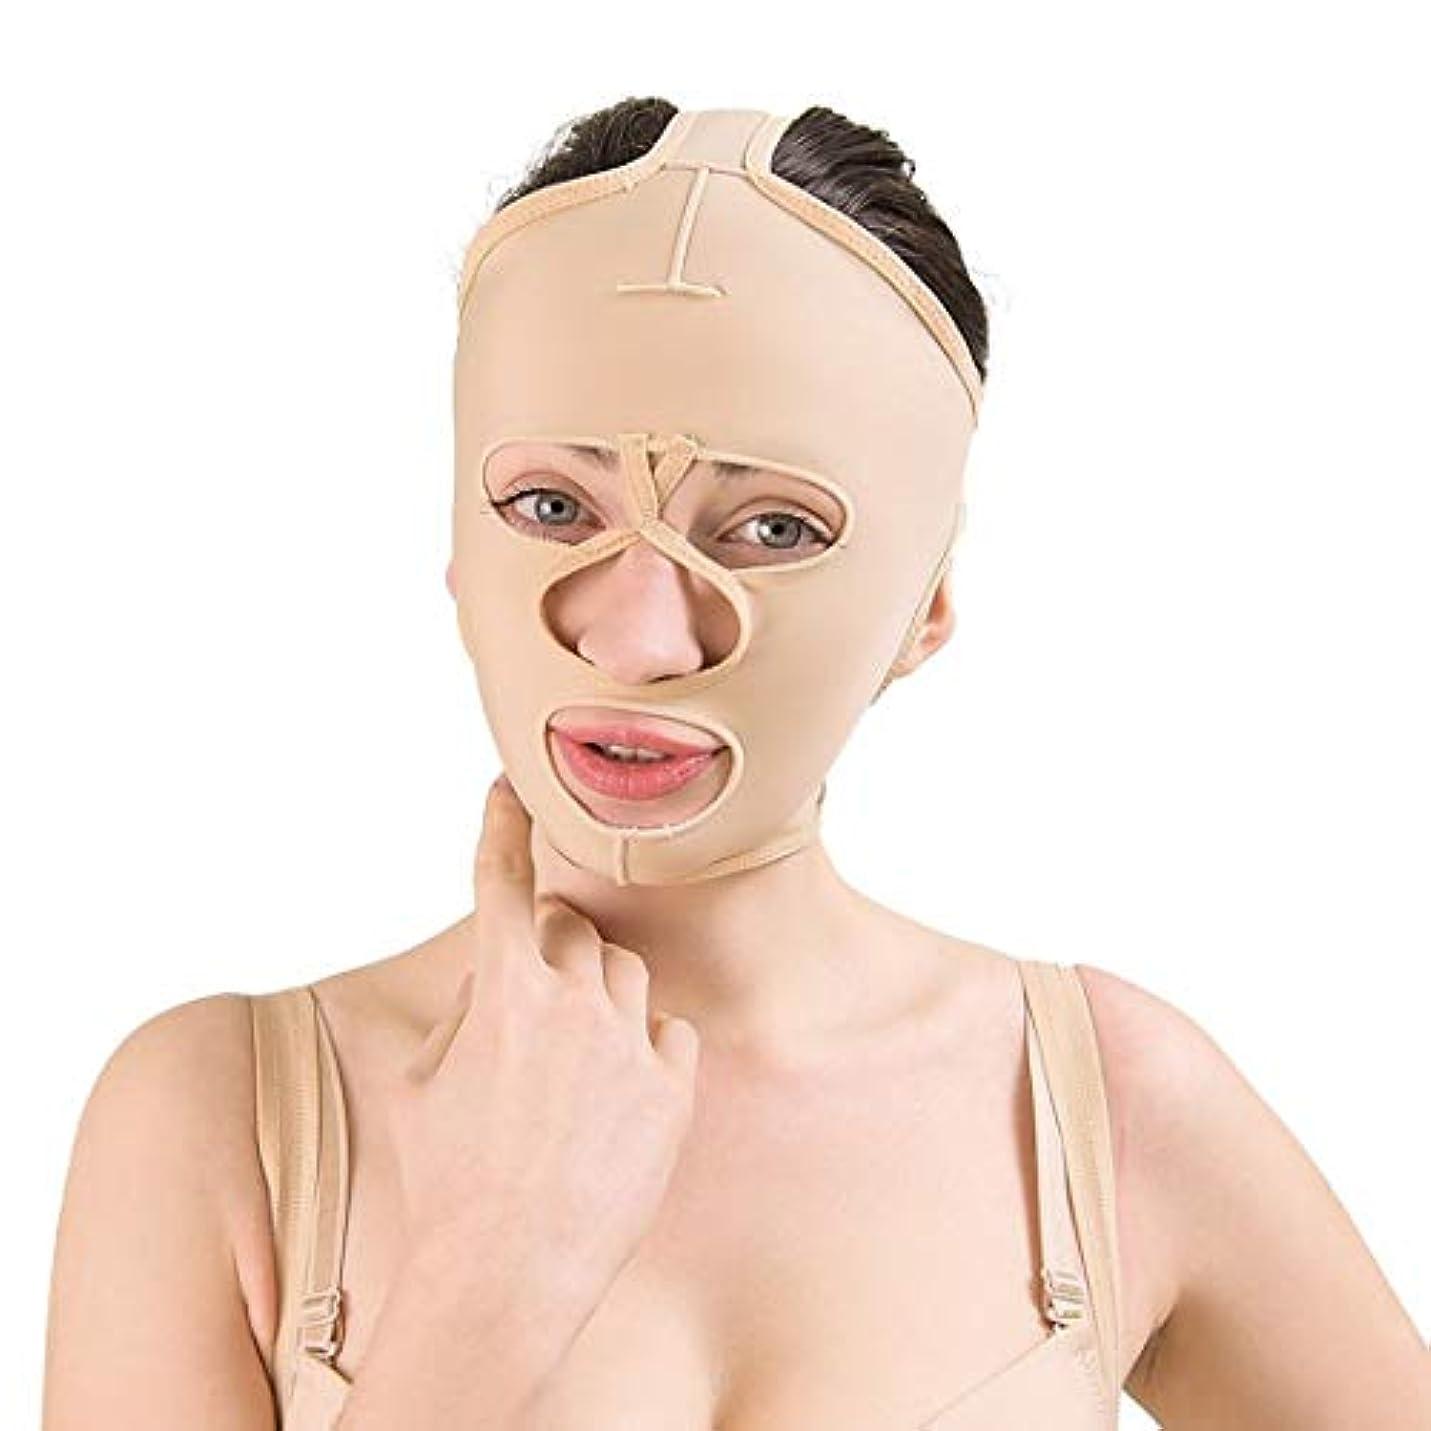 便利さ分析的な高度なZWBD フェイスマスク, フェイスリフト包帯医療弾性スリーブ顔面下顎形成外科術後圧縮下顎スリーブ補助修復マスクしわを削除する (Size : S)